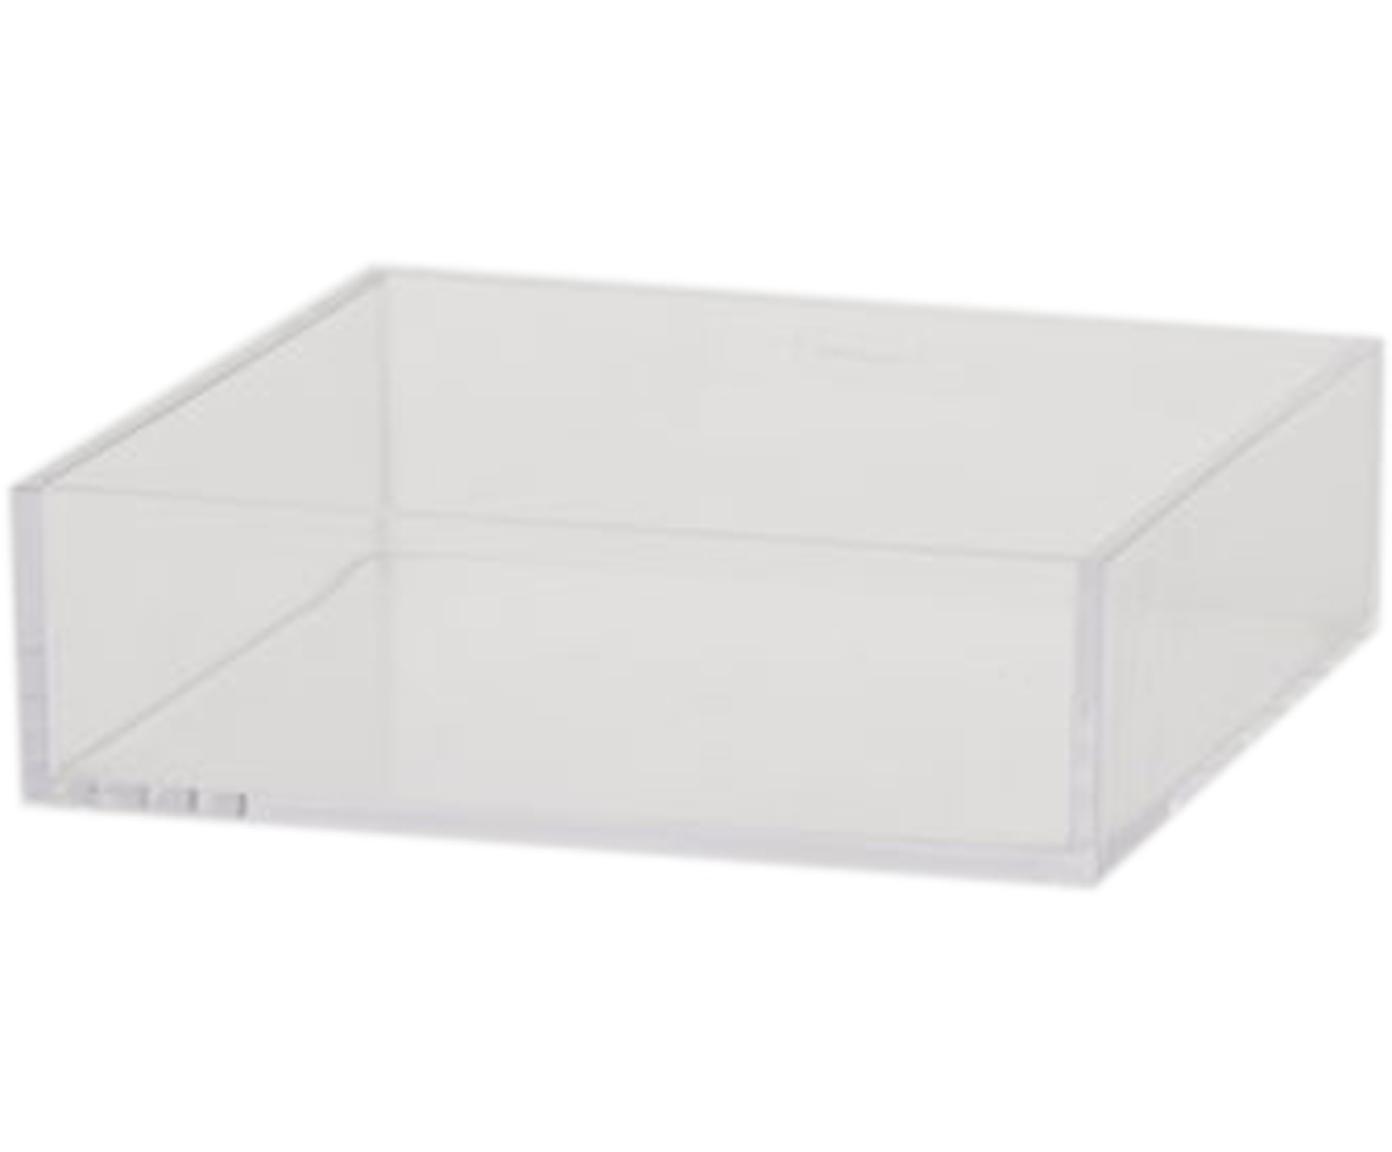 Tablett Clear, Acryl, Transparent, 16 x 16 cm